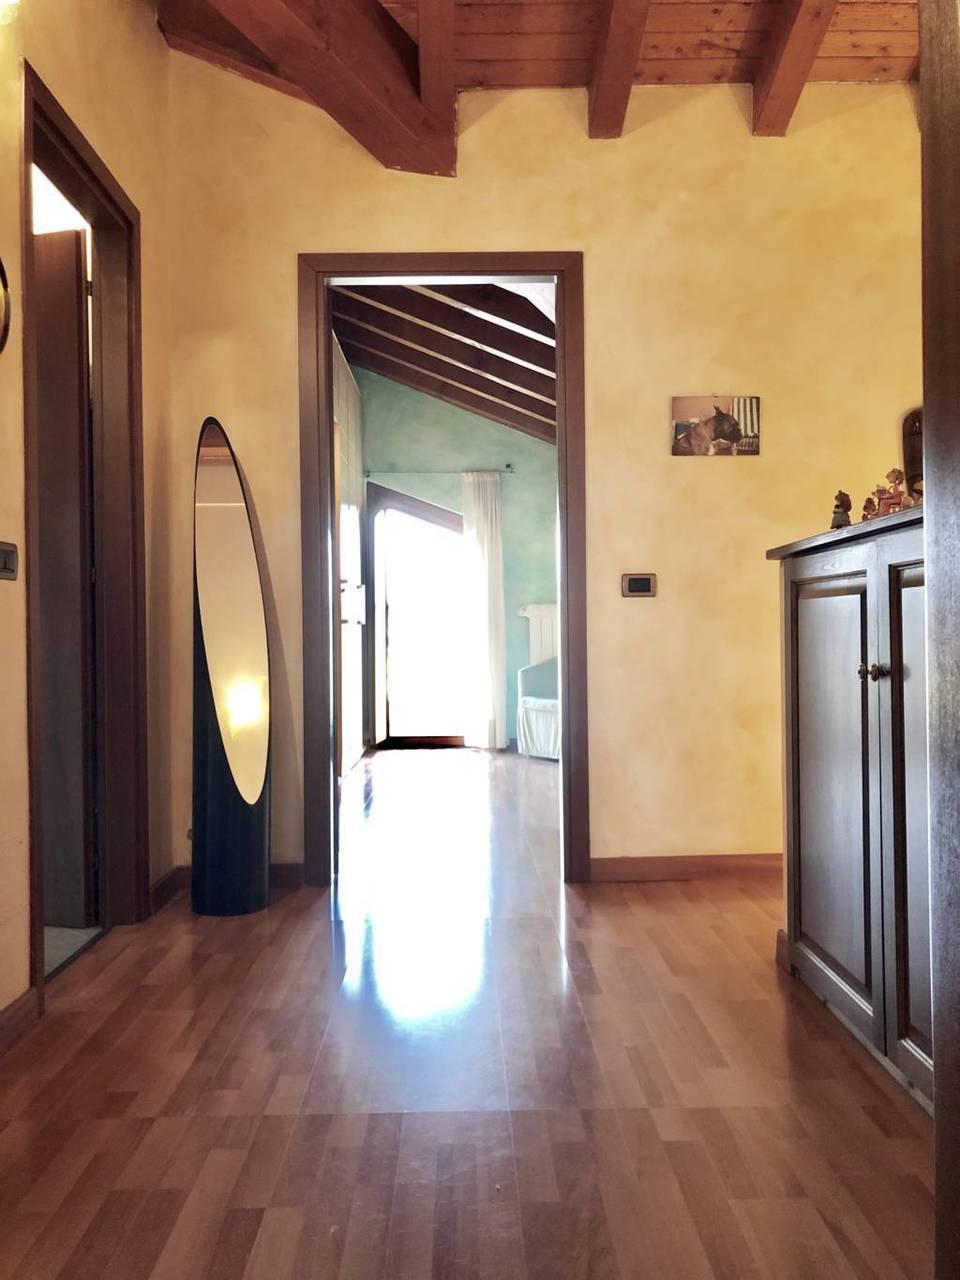 Appartamento-4-locali-giardino-in-vendita-Busnago-20